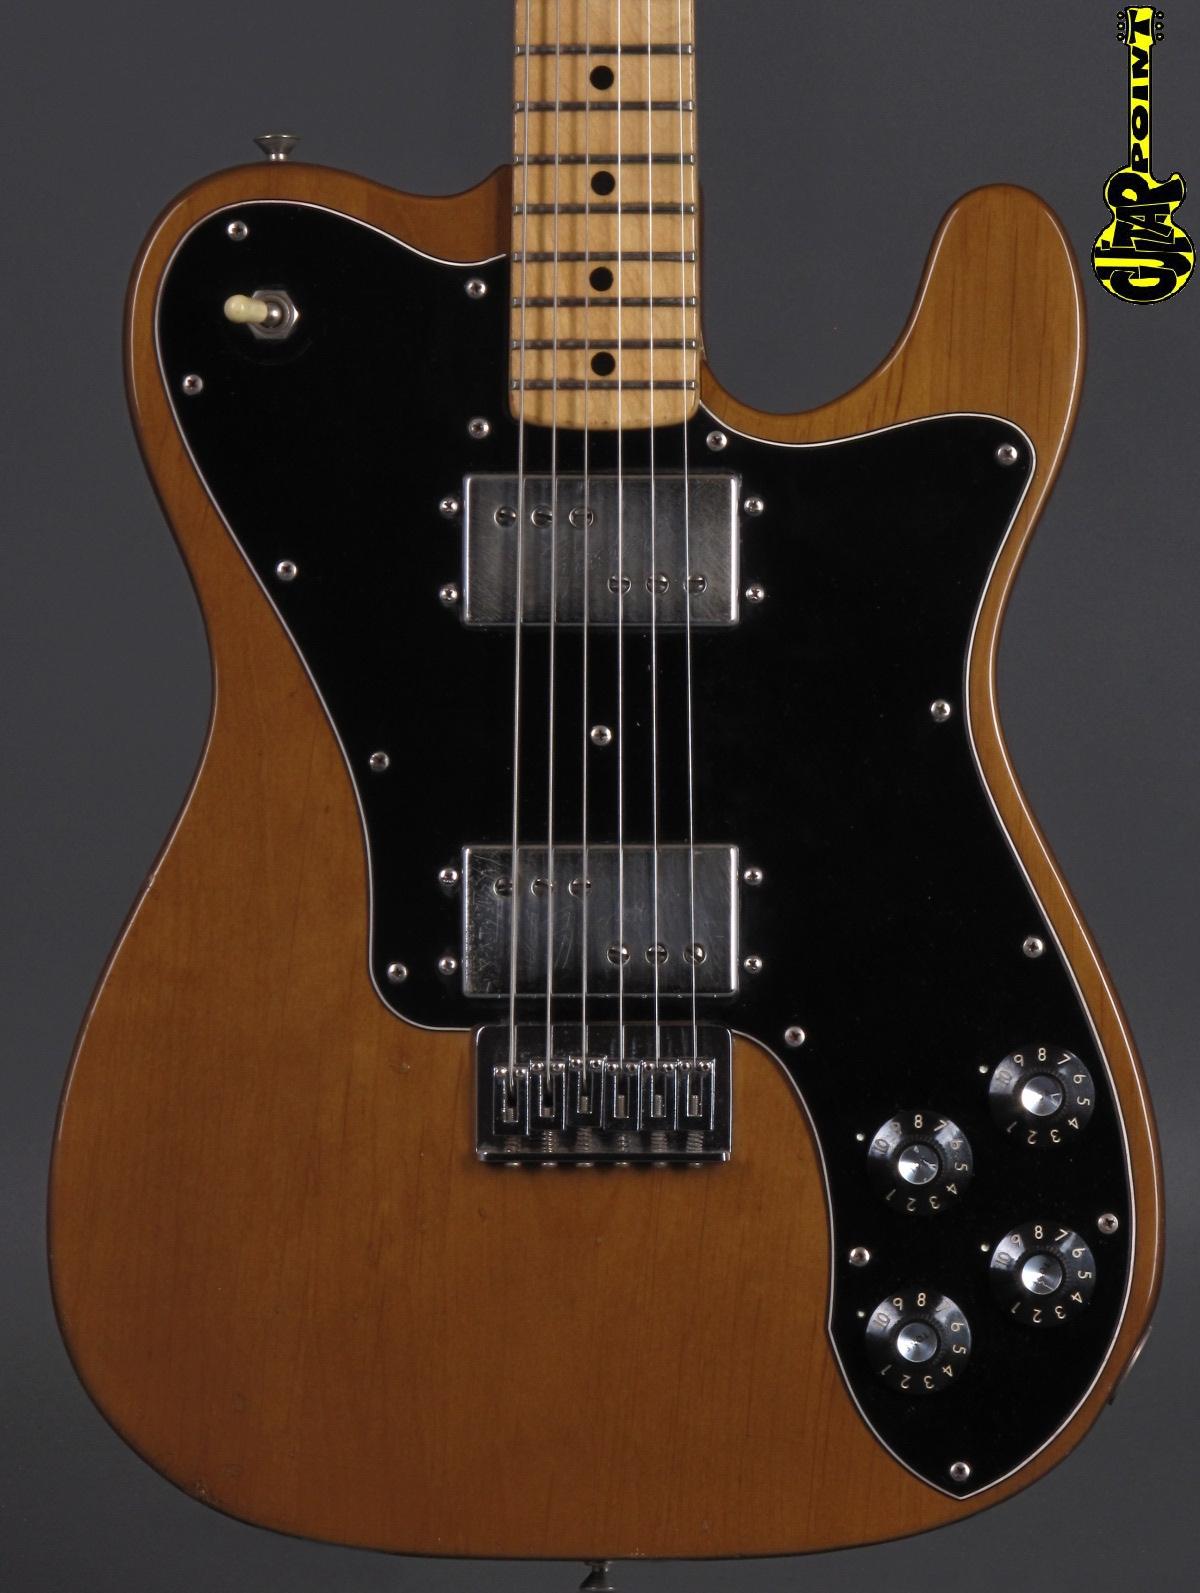 1974 Fender Telecaster DeLuxe - Walnut